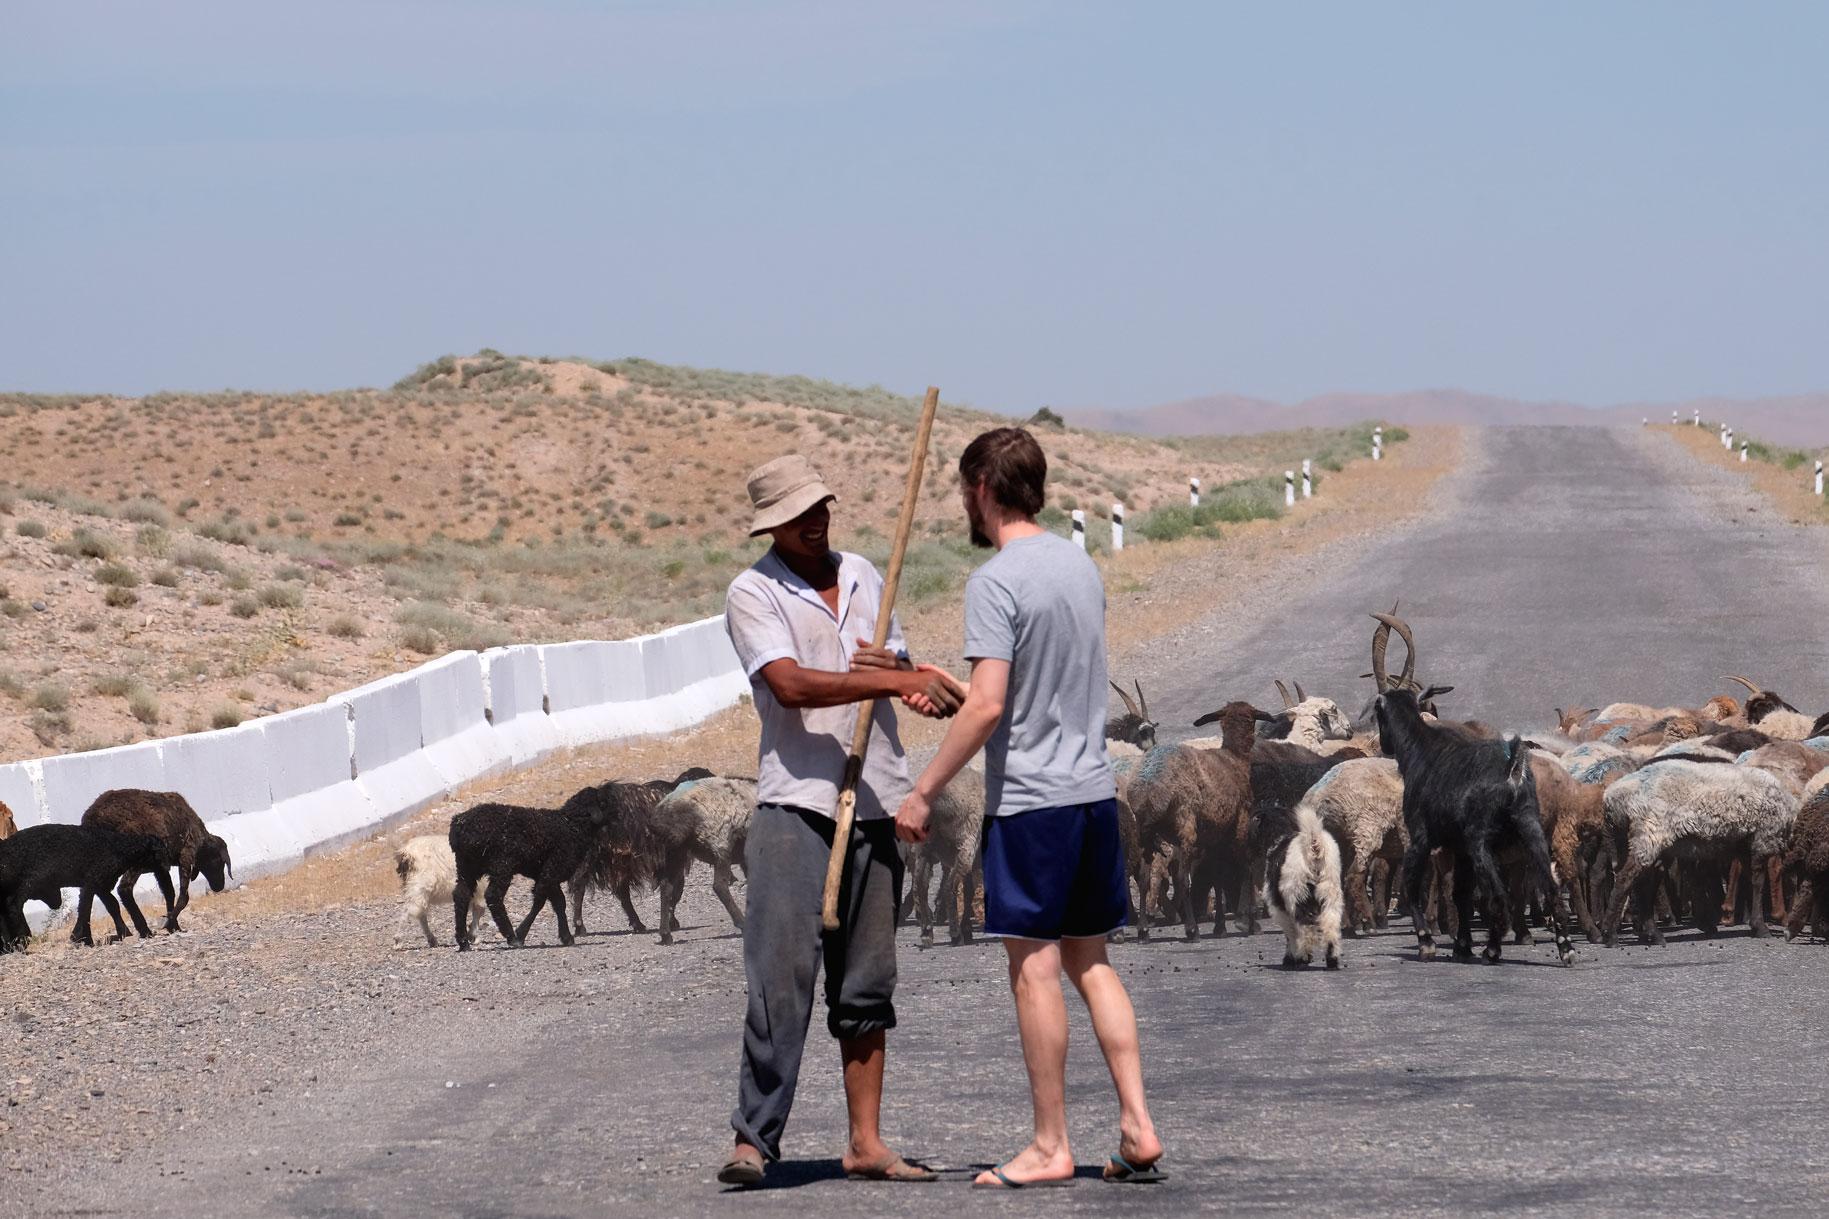 Sebastian begrüßt auf einer Straße einen Ziegenhirten per Handschlag